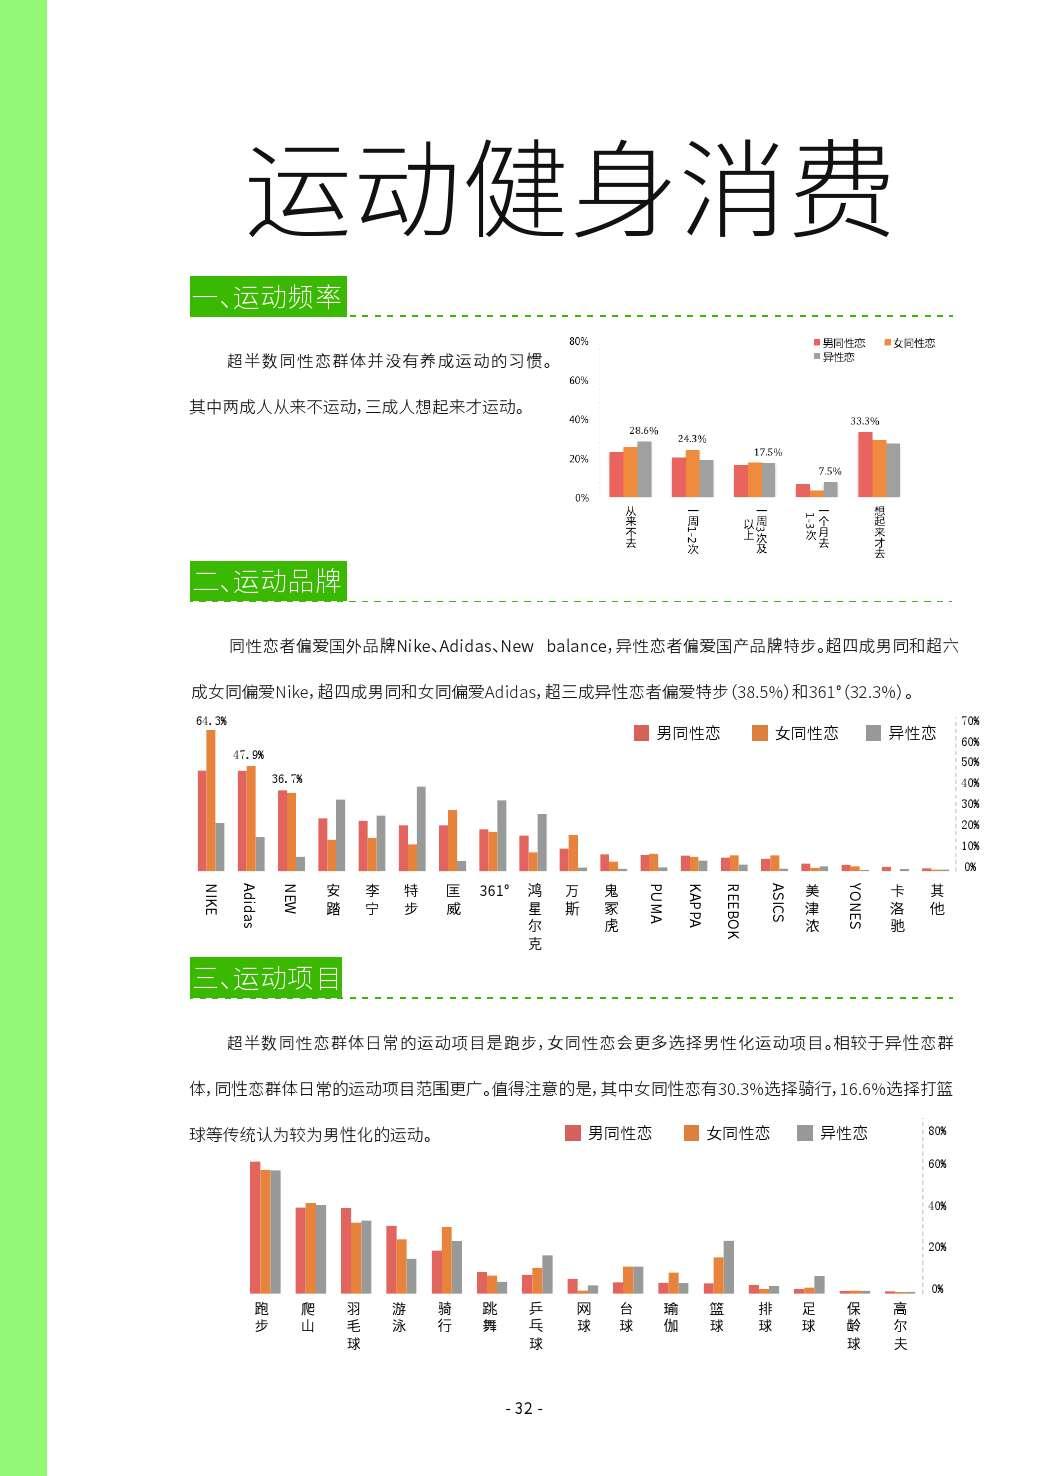 第二届中国LGBT群体消费调查报告_000032